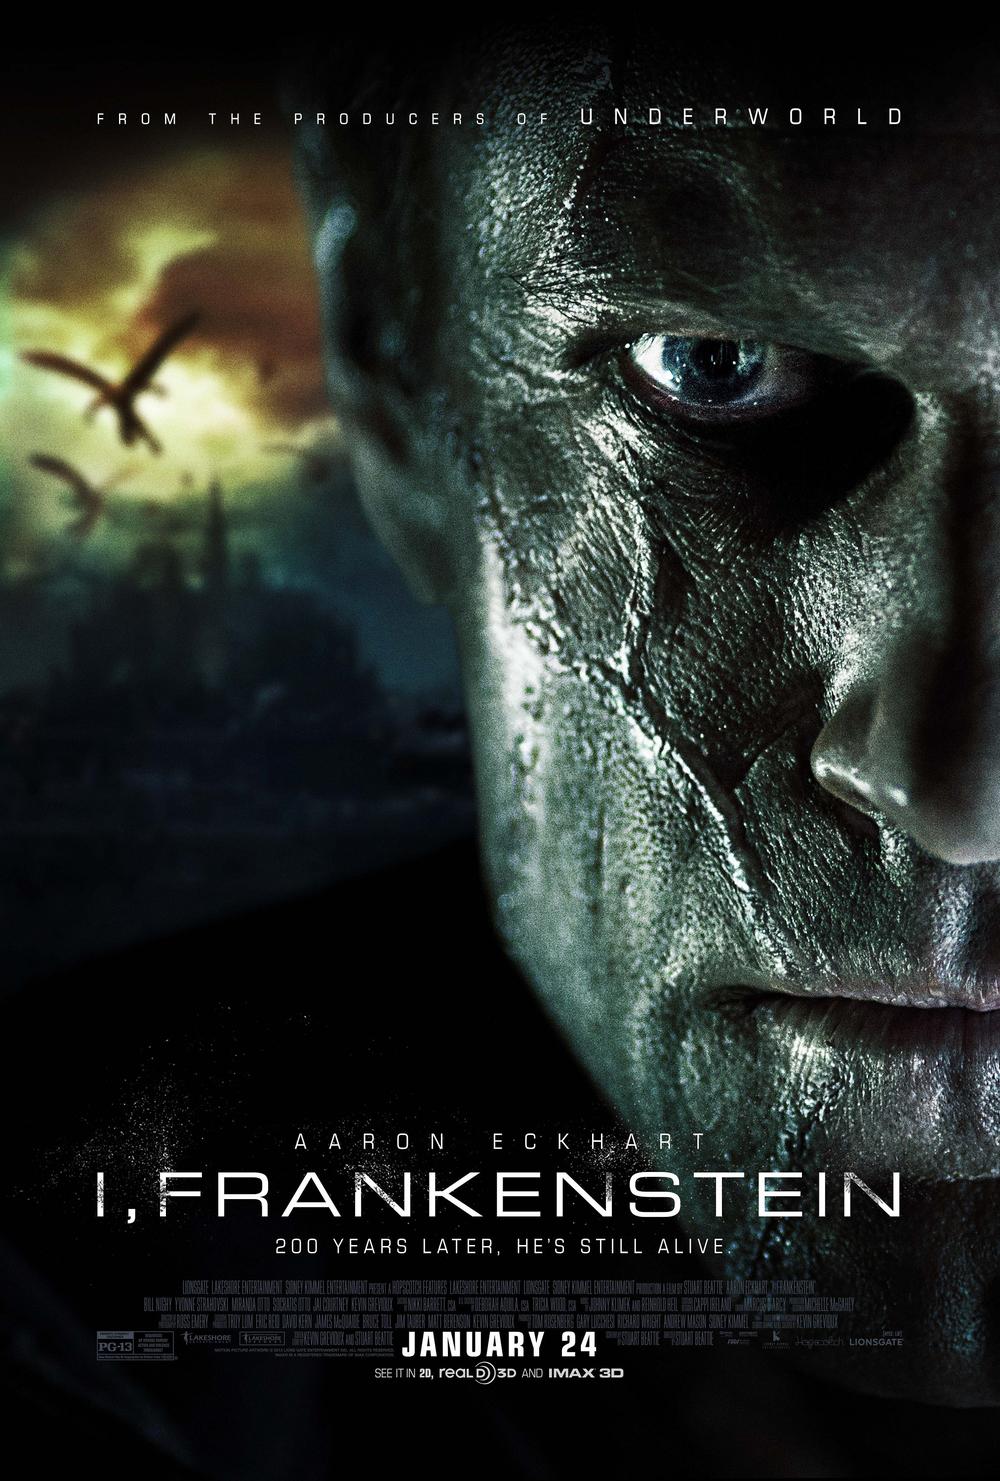 i-frankenstein-new-poster.jpg